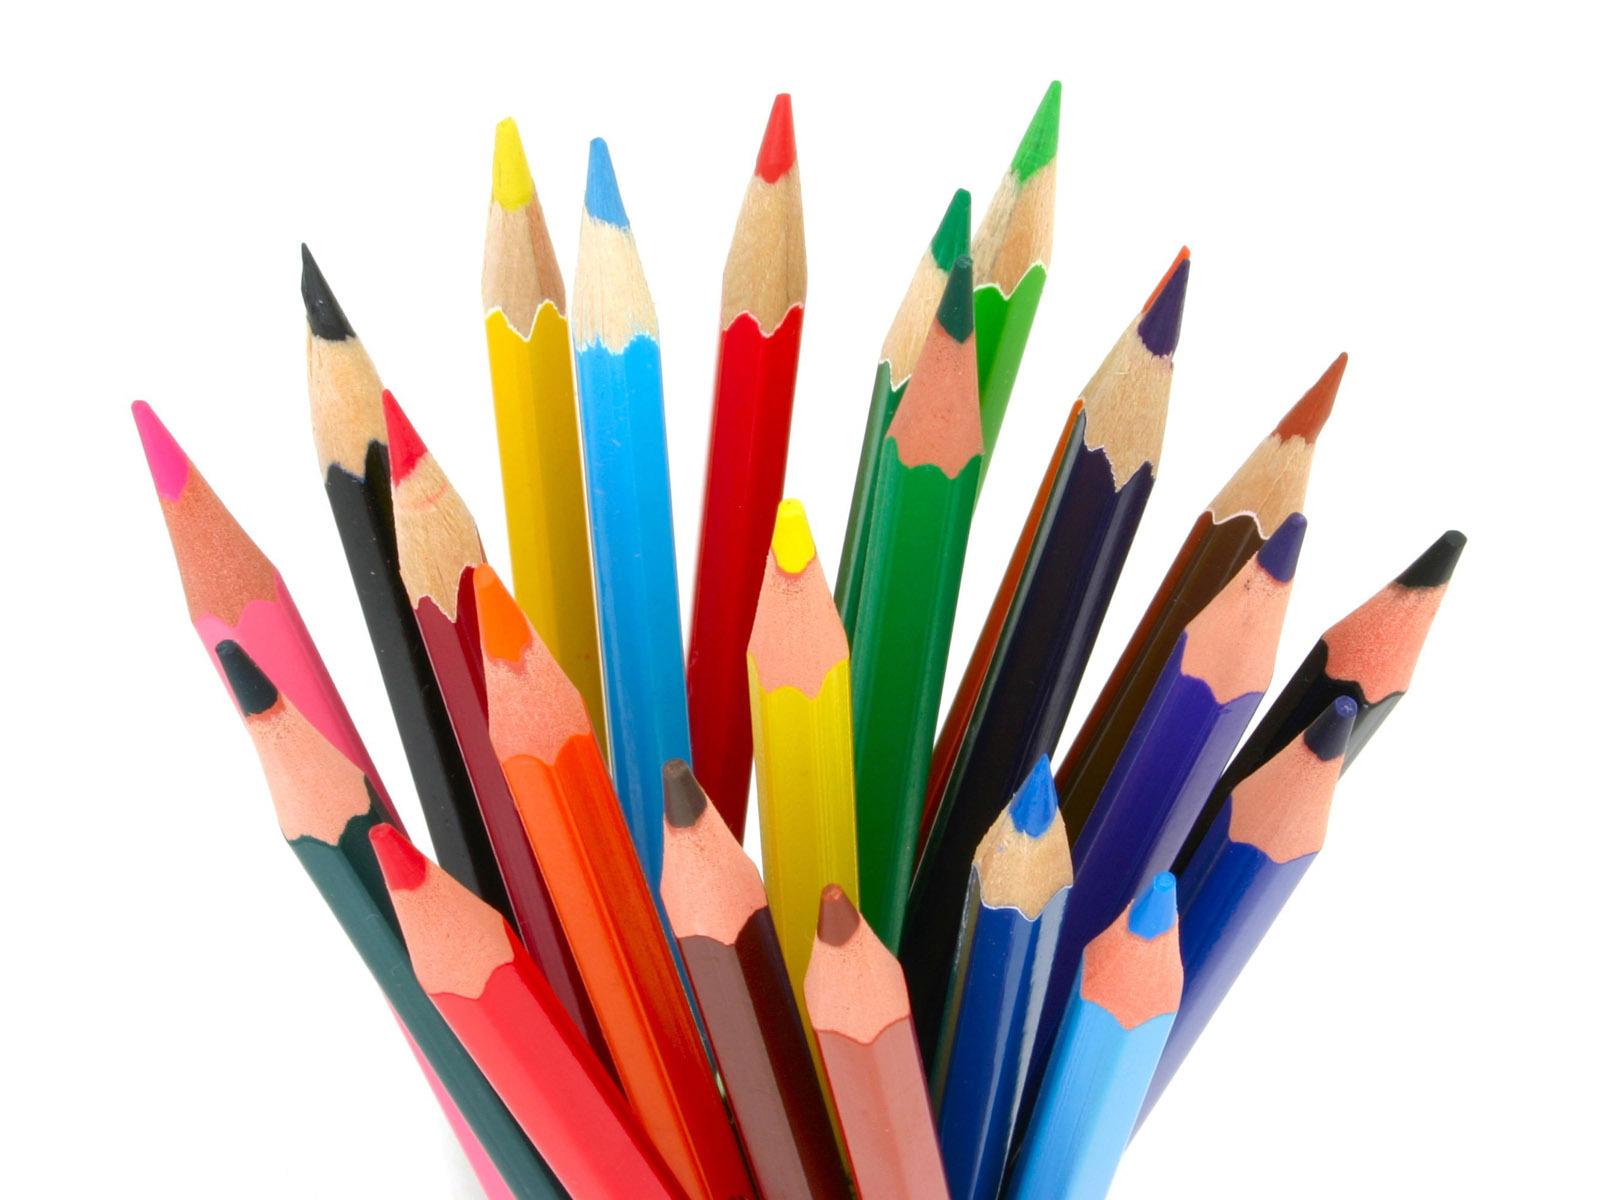 Colored Pencils Wallpaper.